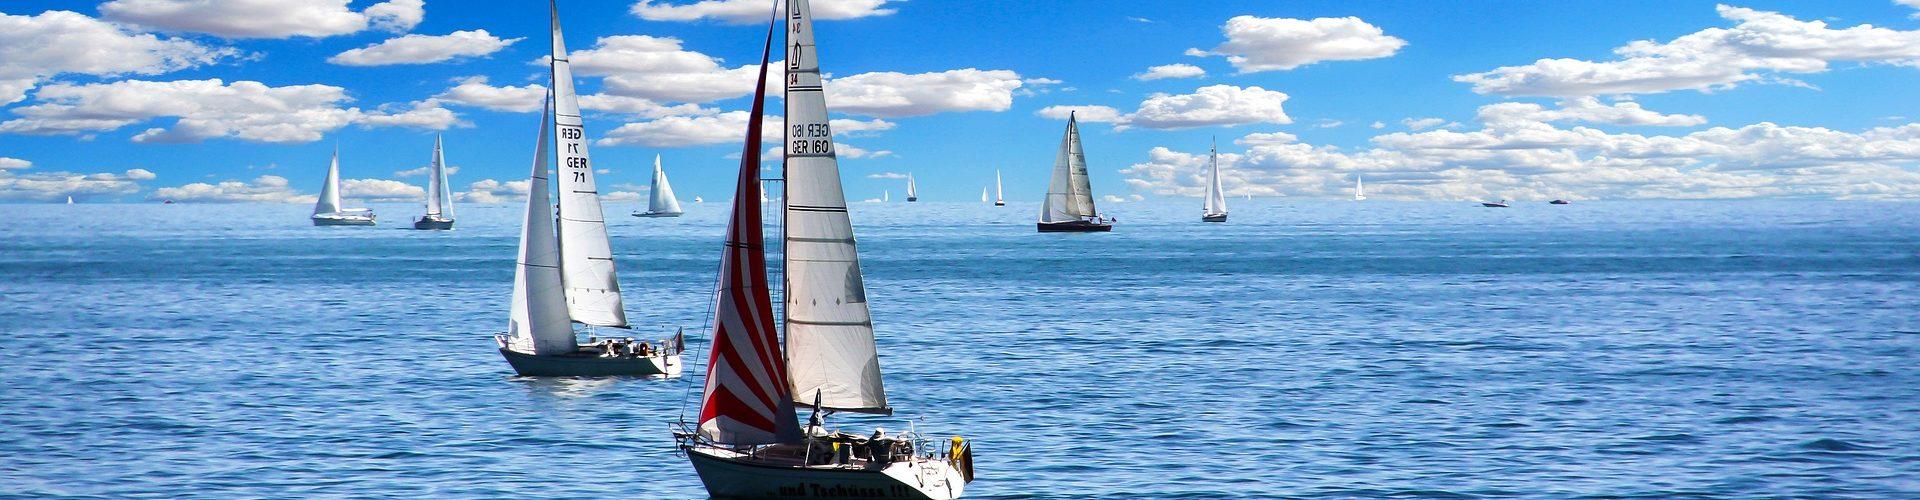 segeln lernen in Mölln segelschein machen in Mölln 1920x500 - Segeln lernen in Mölln